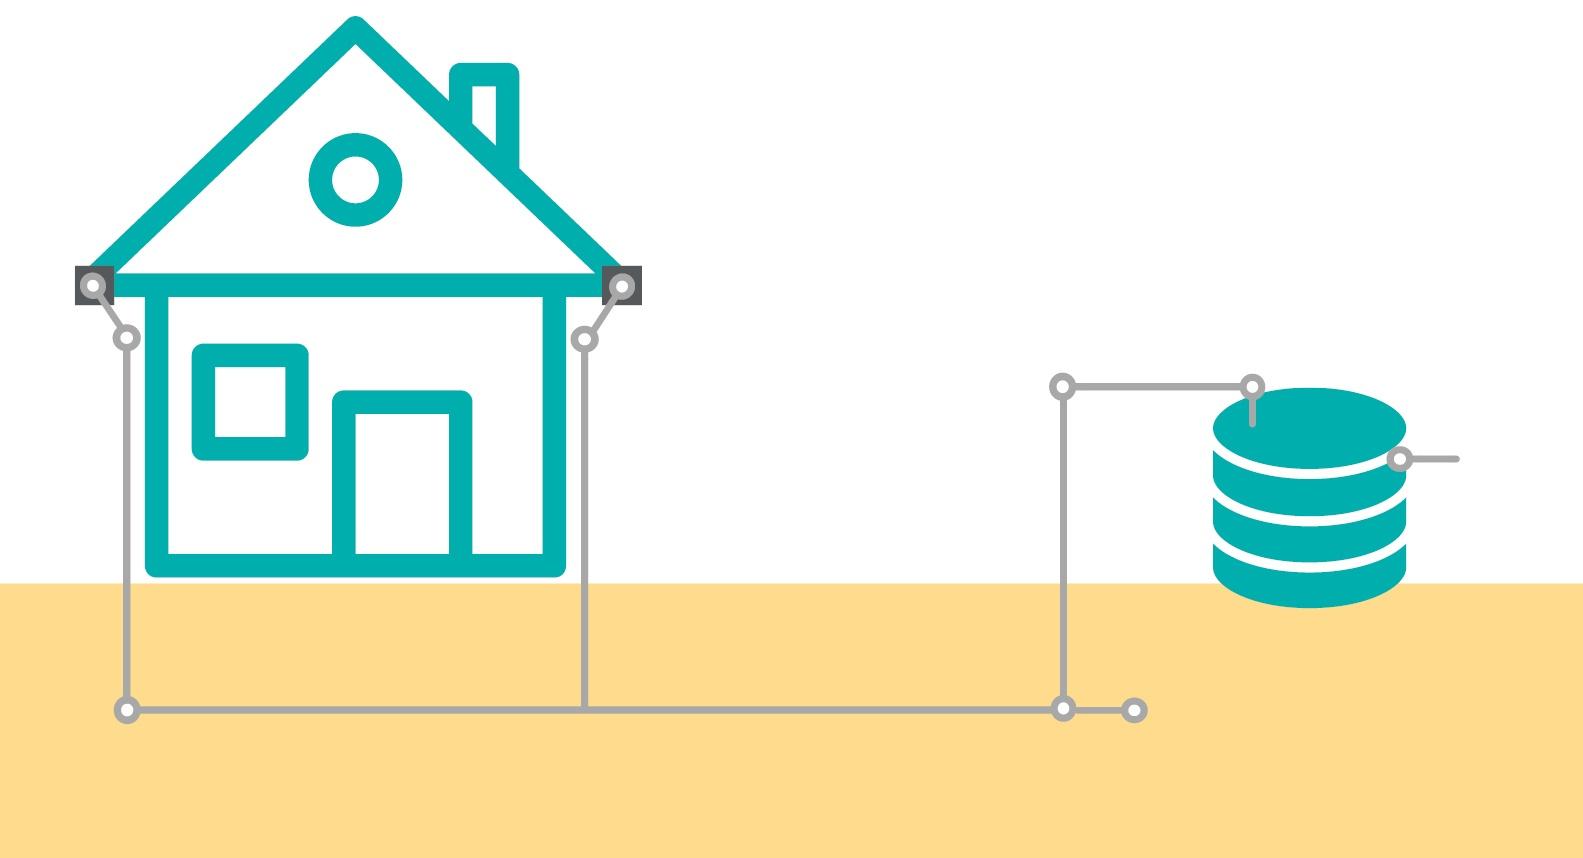 'Wet' System Plumbing for Rain Harvesting Diagram.jpg